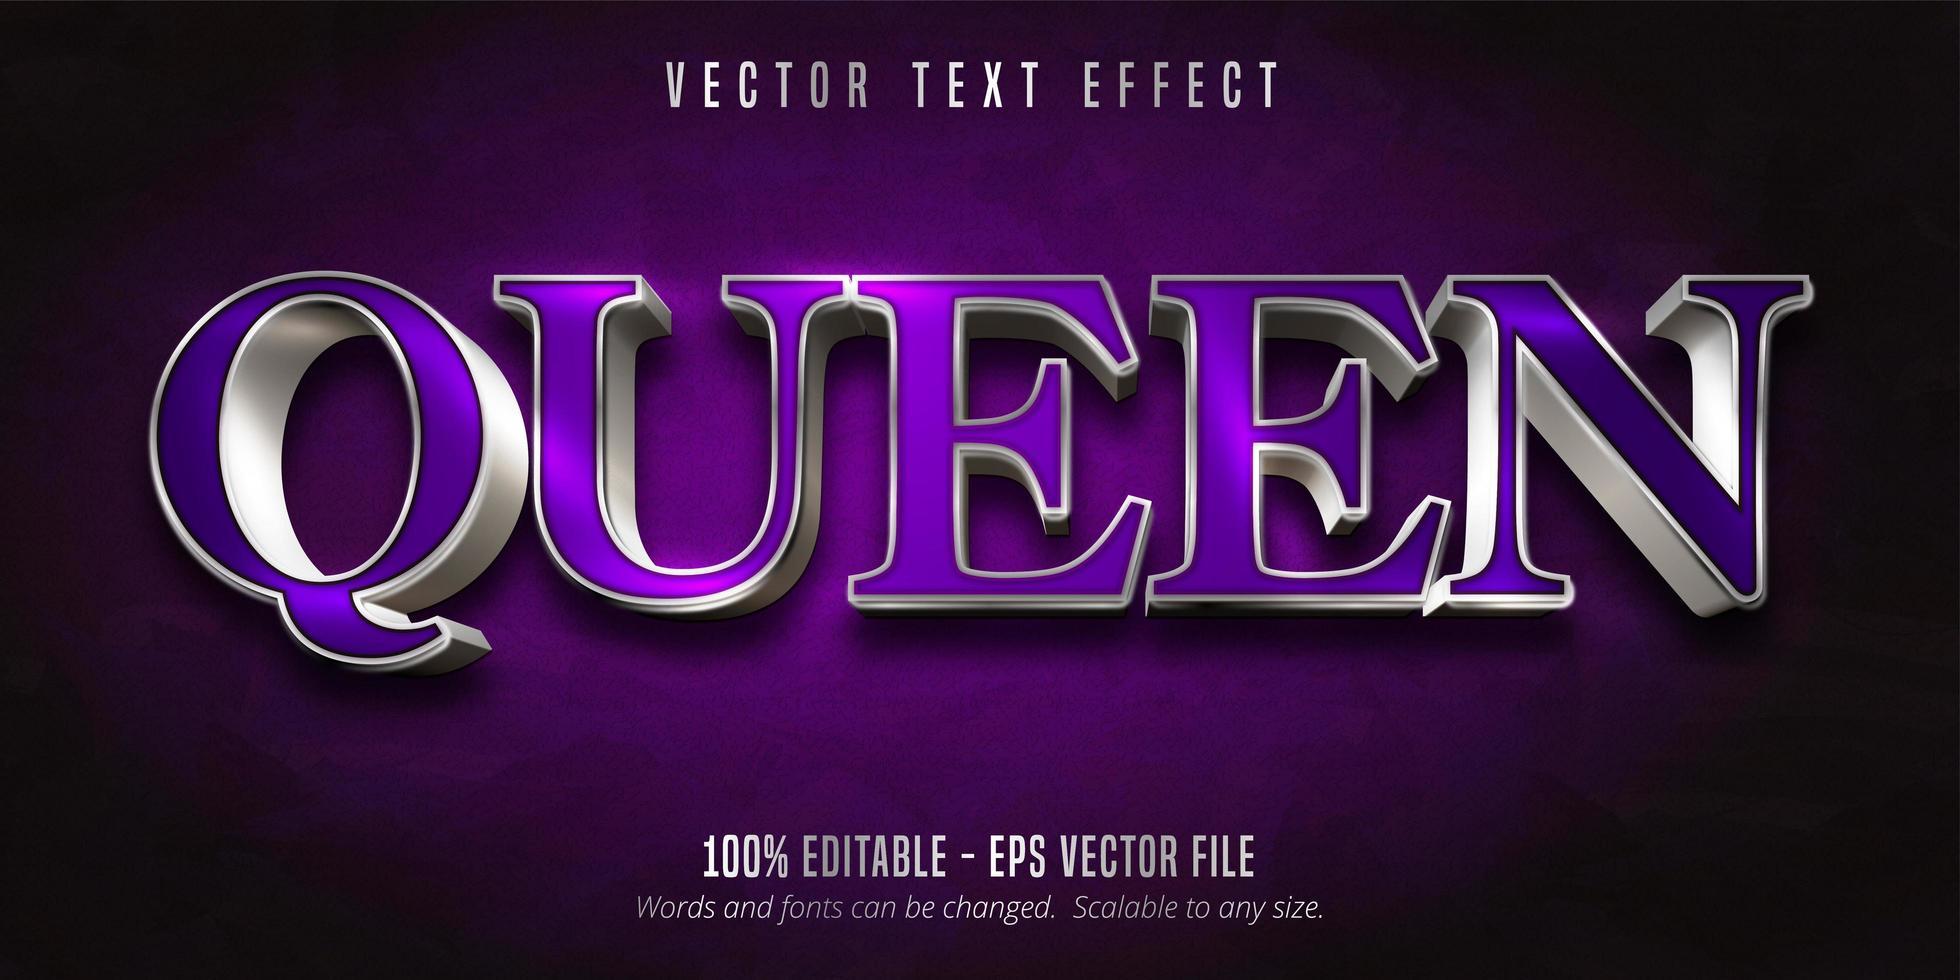 effetto testo viola regina e argento lucido vettore